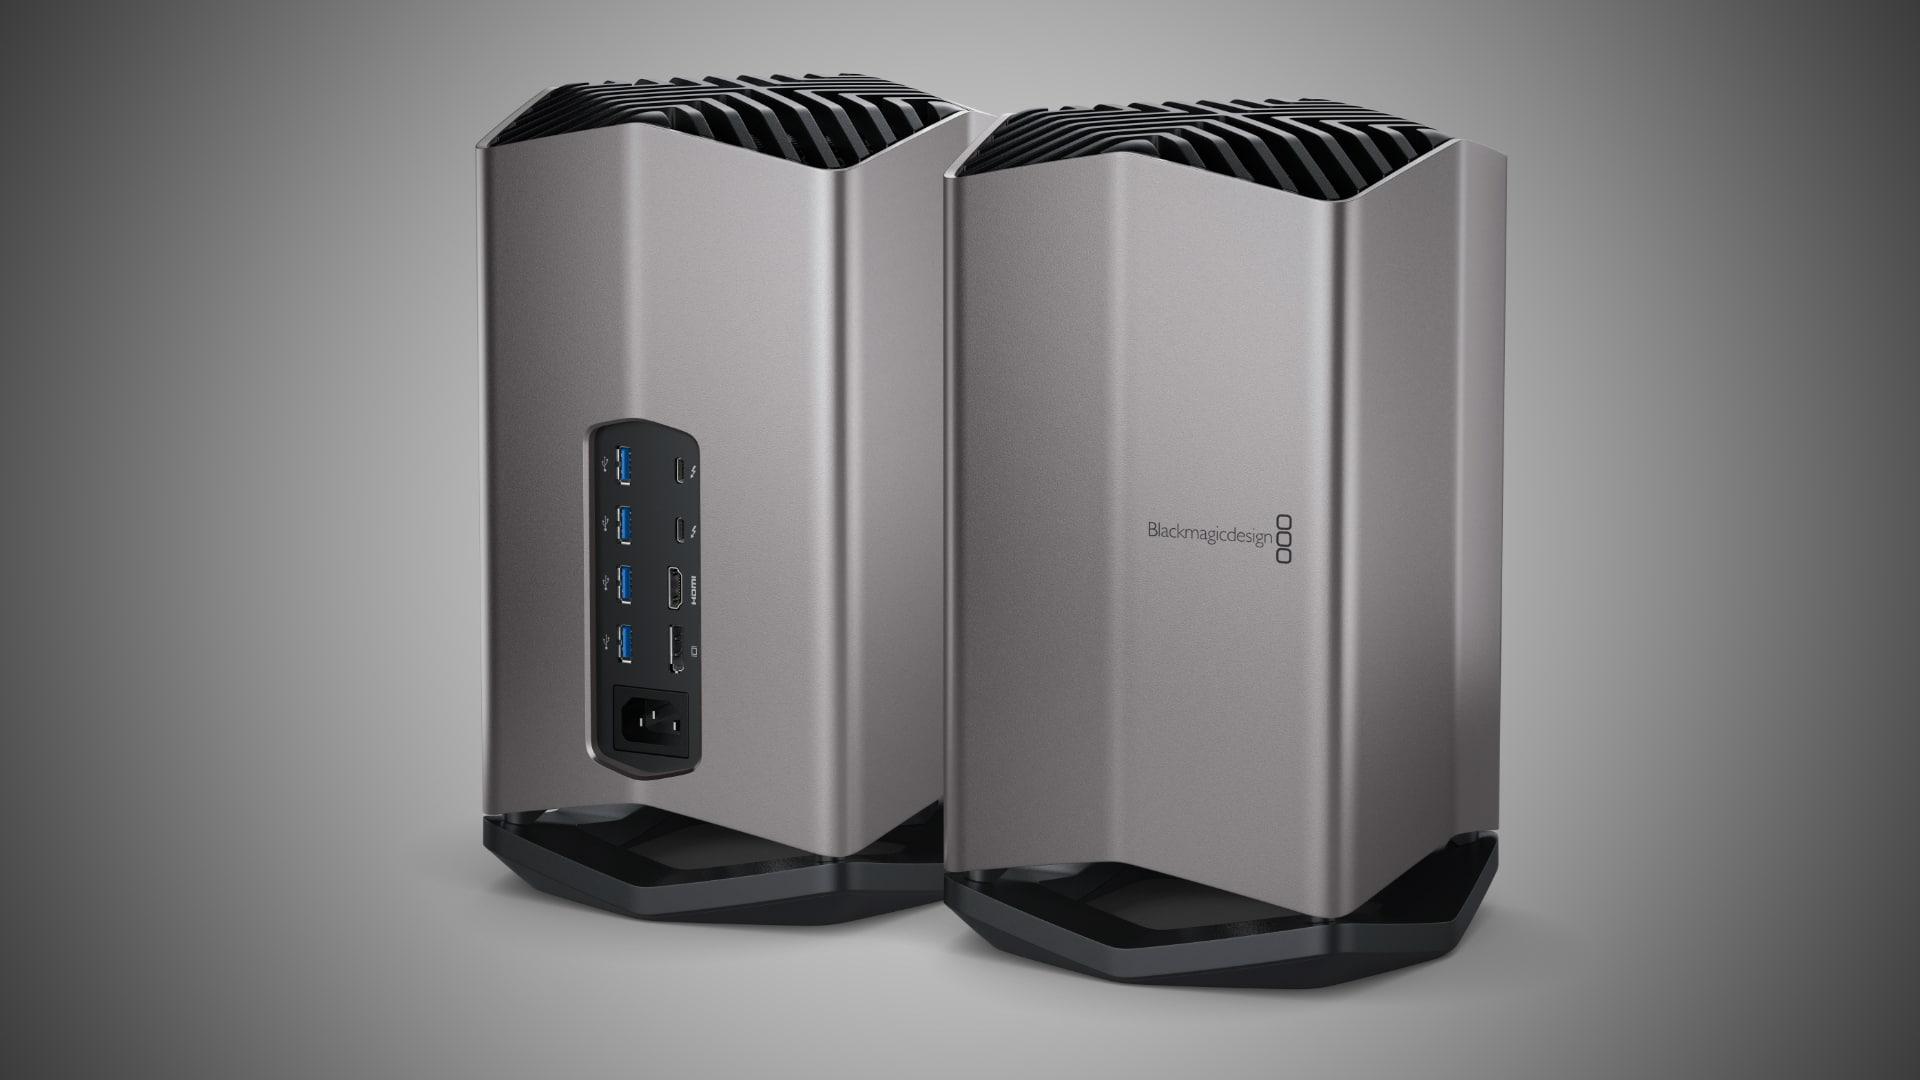 Blackmagic Discontinues Egpu Pro With Radeon Rx Vega 56 Graphics